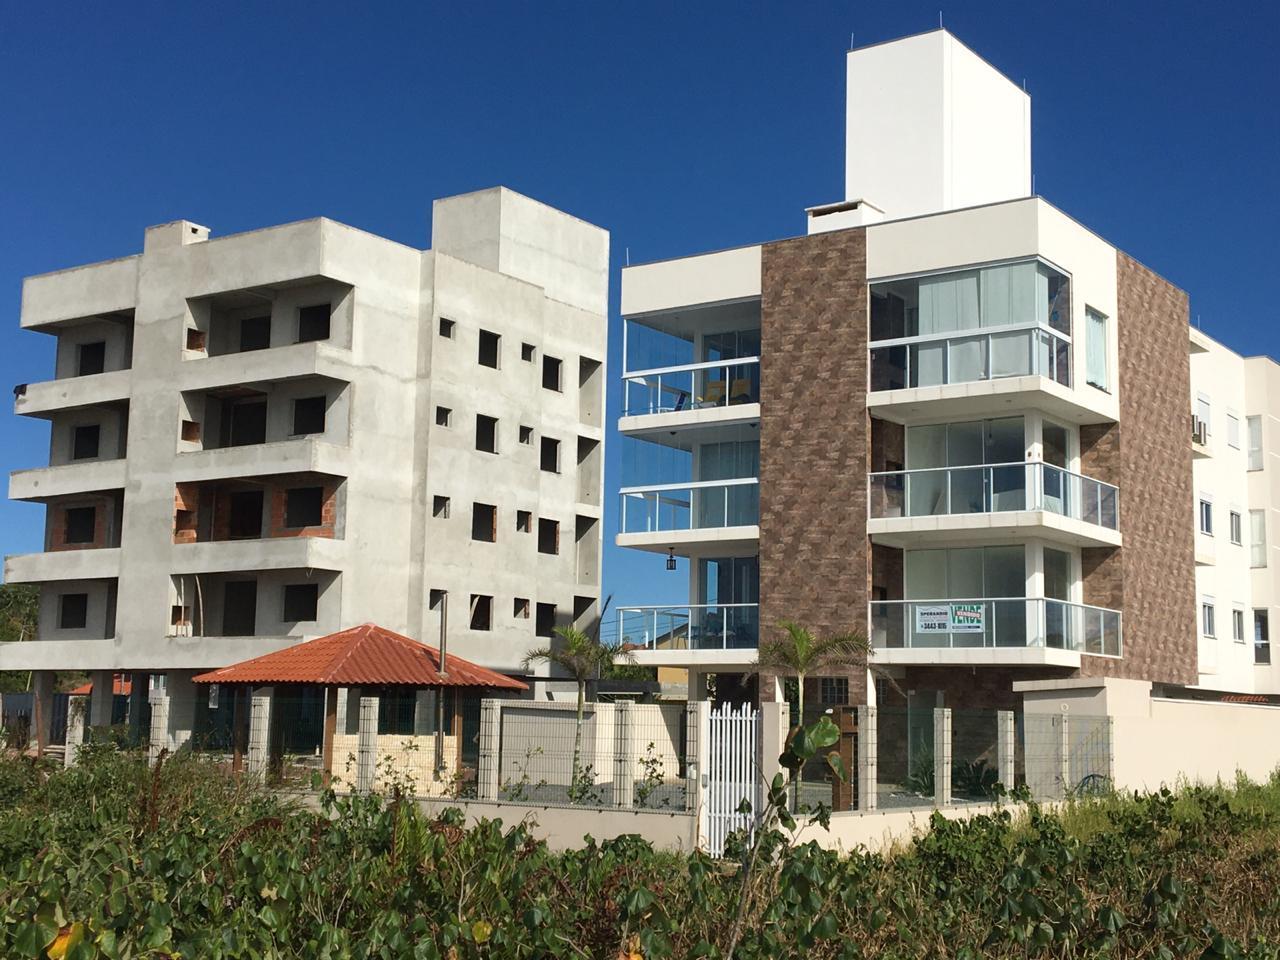 Apartamento em Itapoá,  3 dormitórios à venda, 109 m² por R$ 548.000 - Rio Gracioso - Itapoá/SC